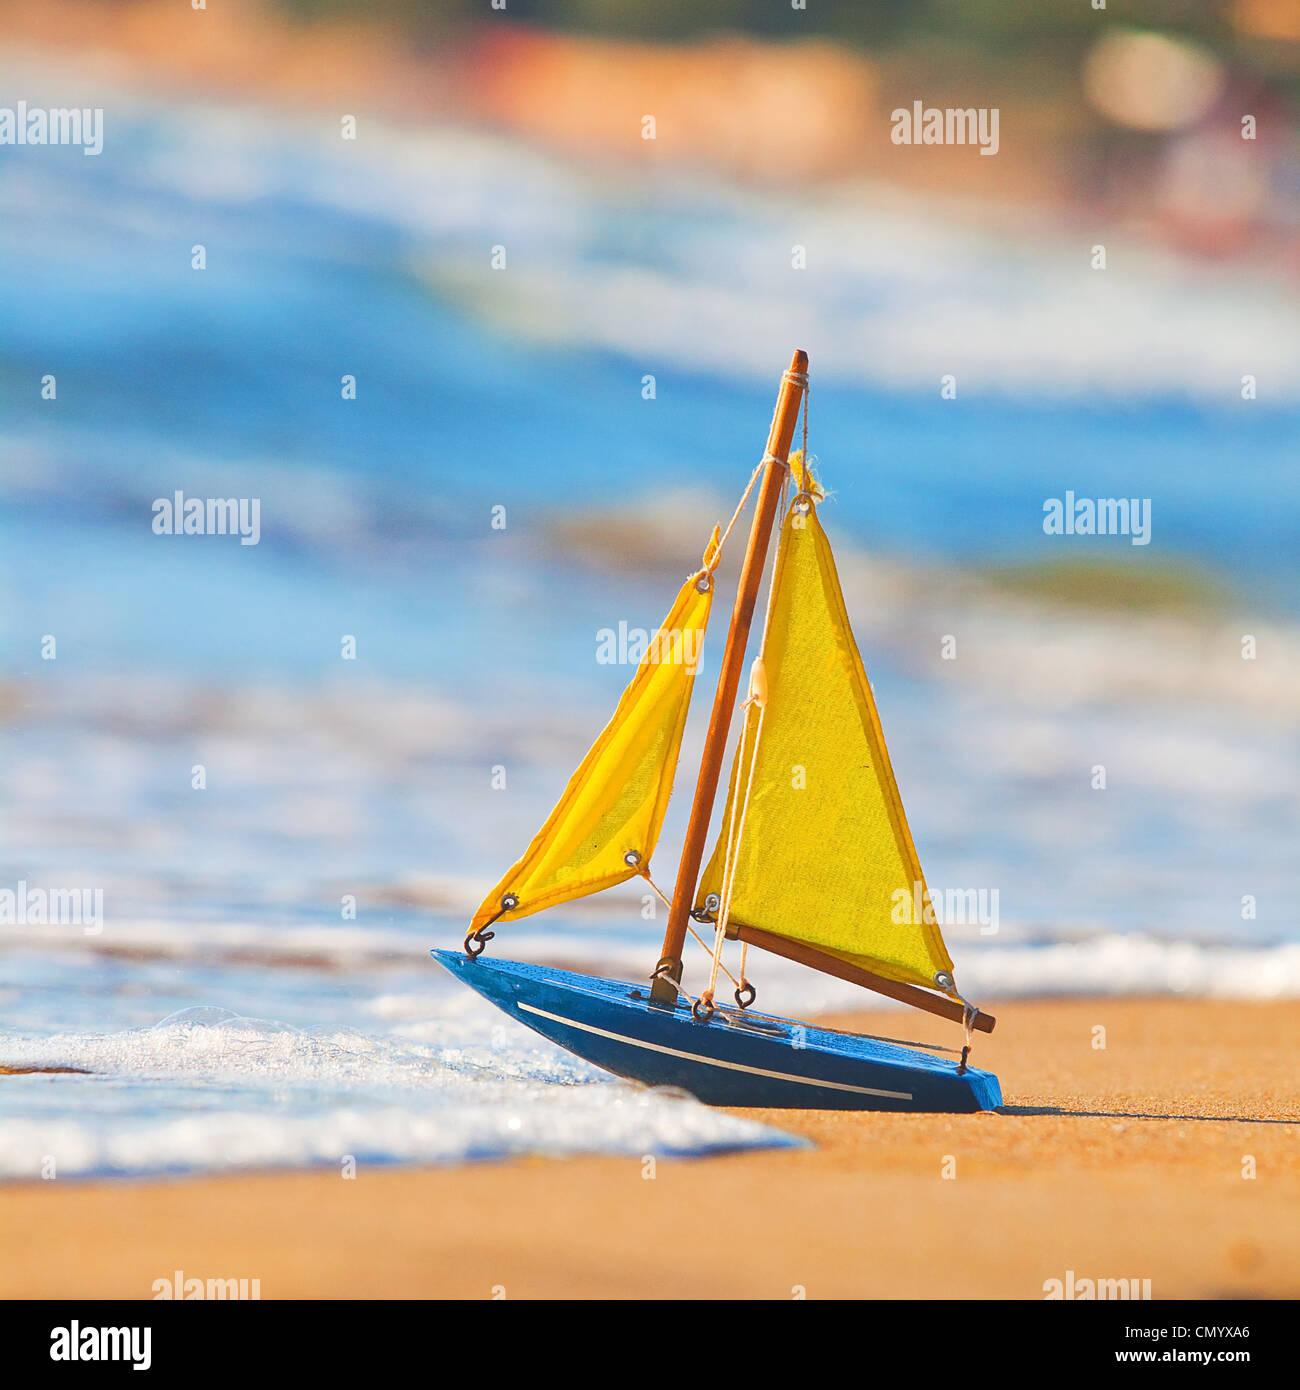 Das kleine Spielzeugboot steht am Sandstrand Stockbild